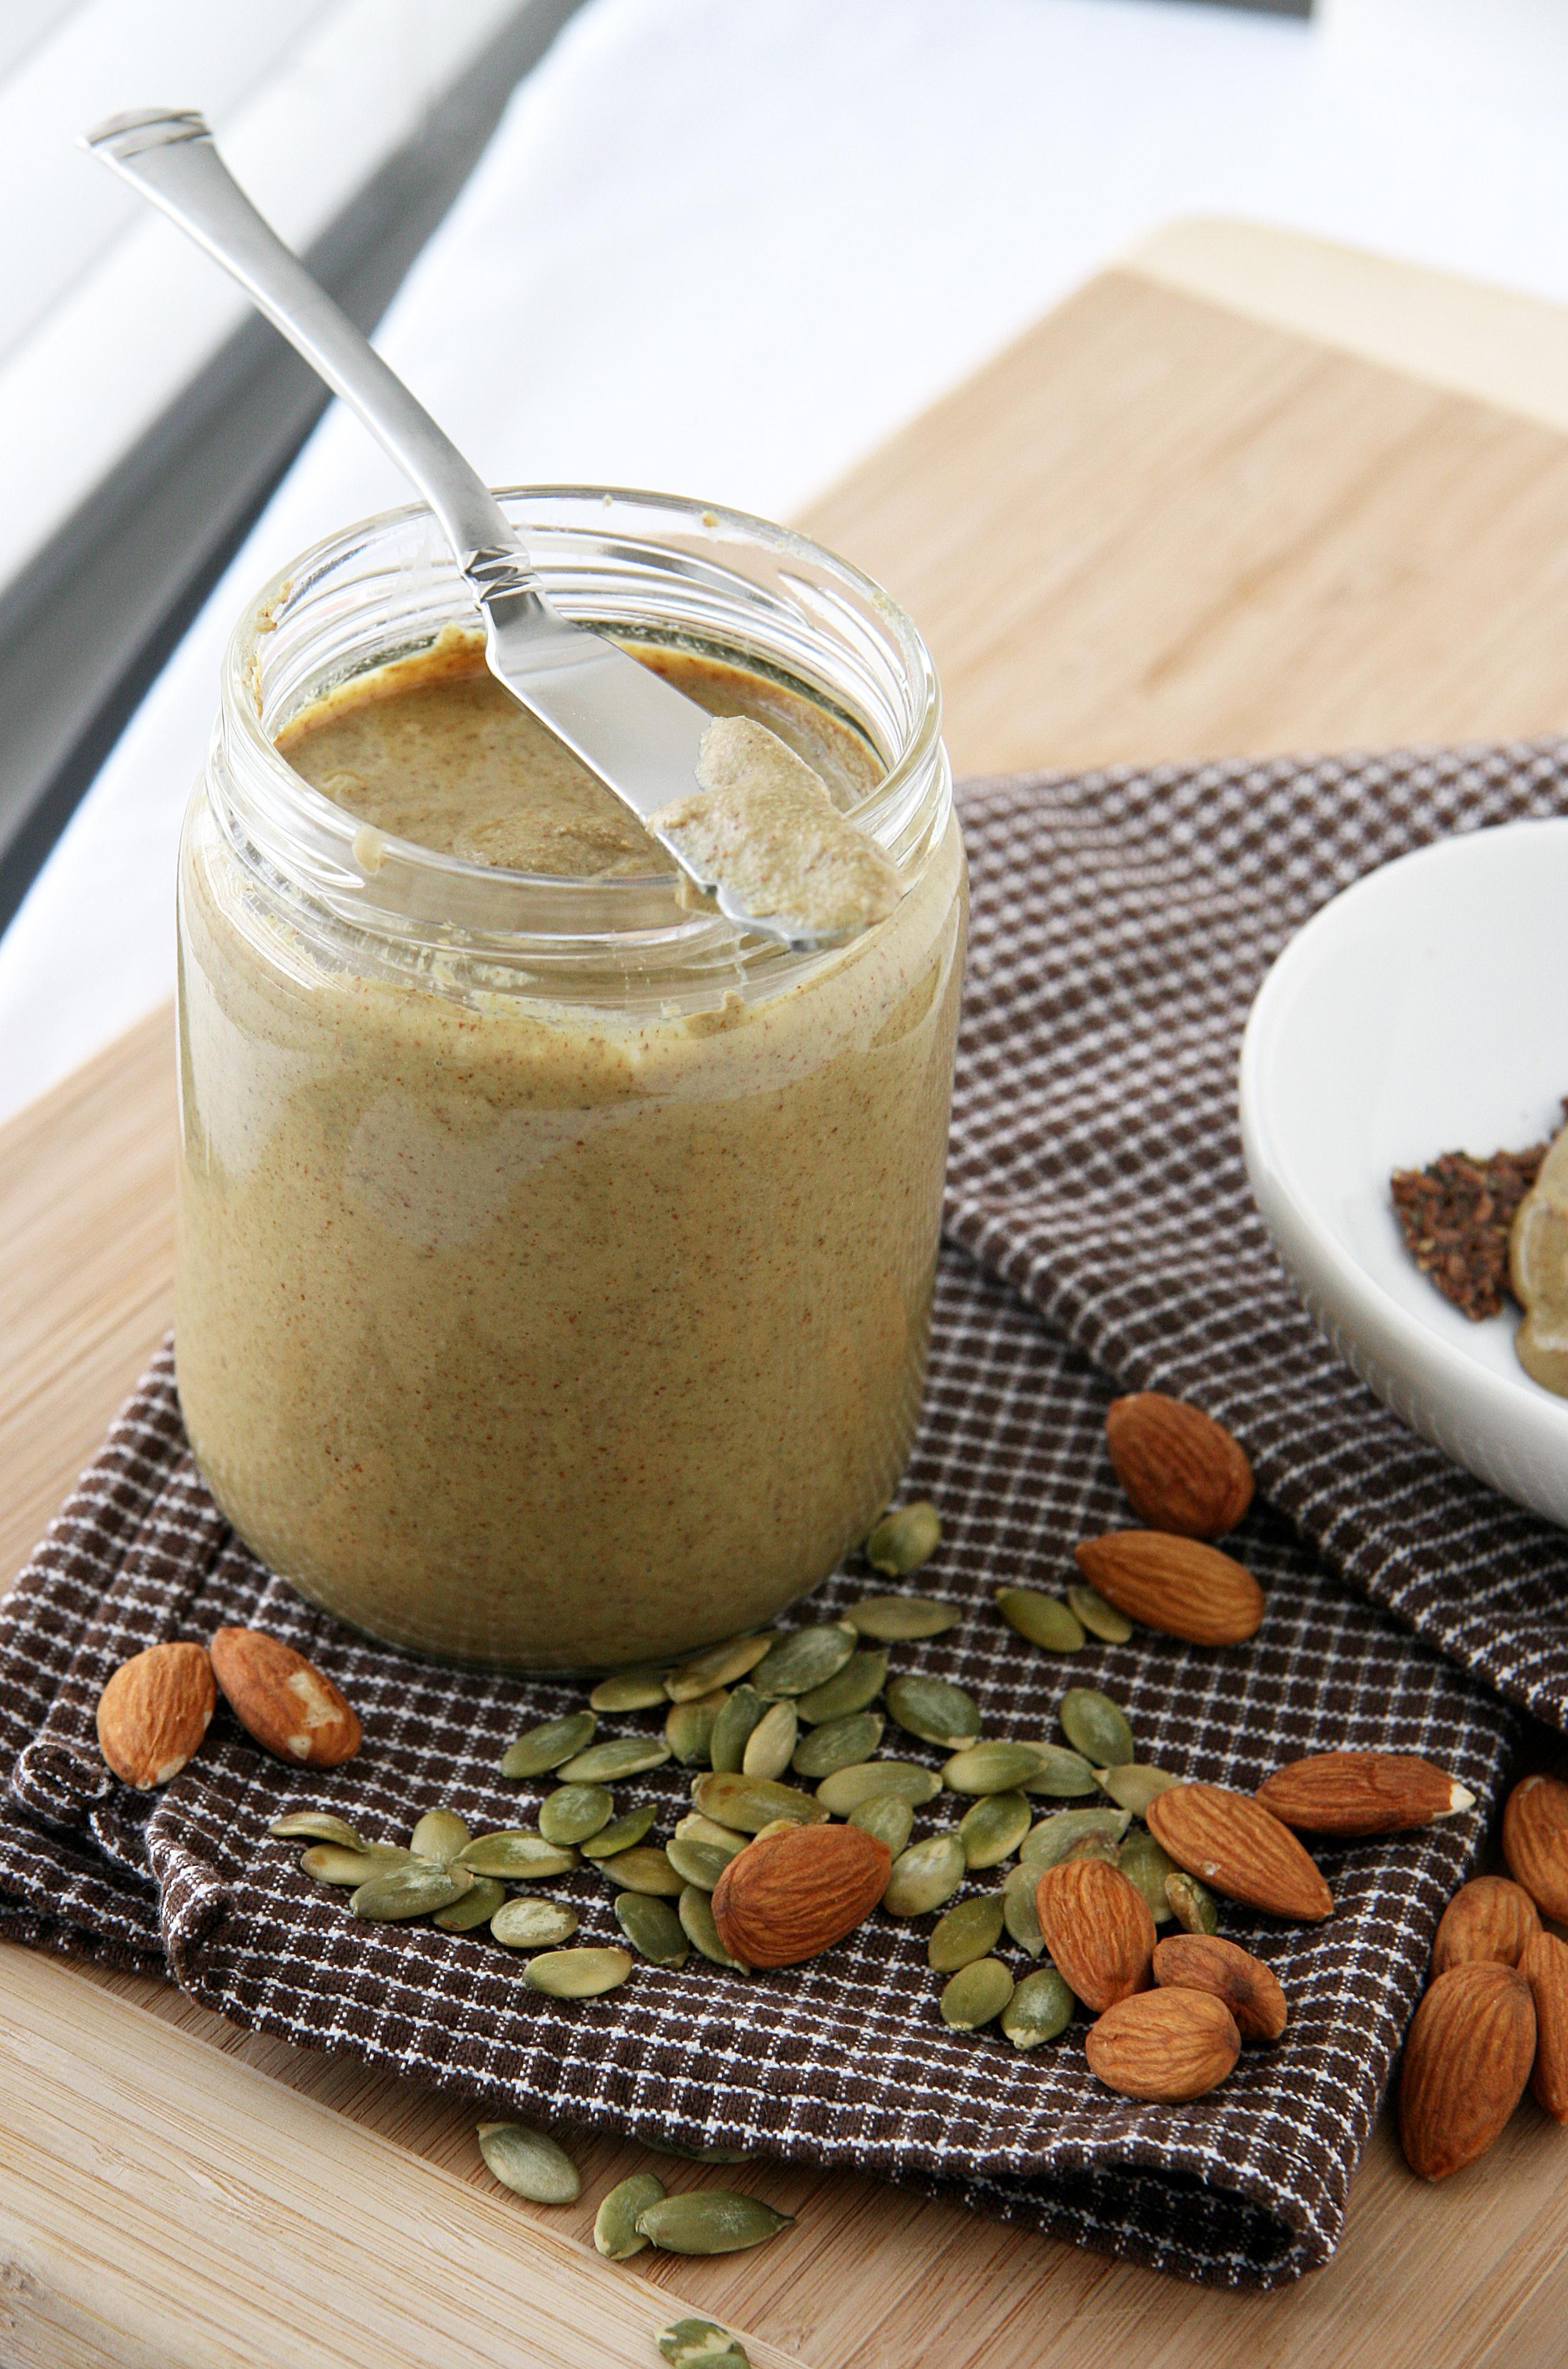 Roasted Almond-Pumpkin Seed Butter